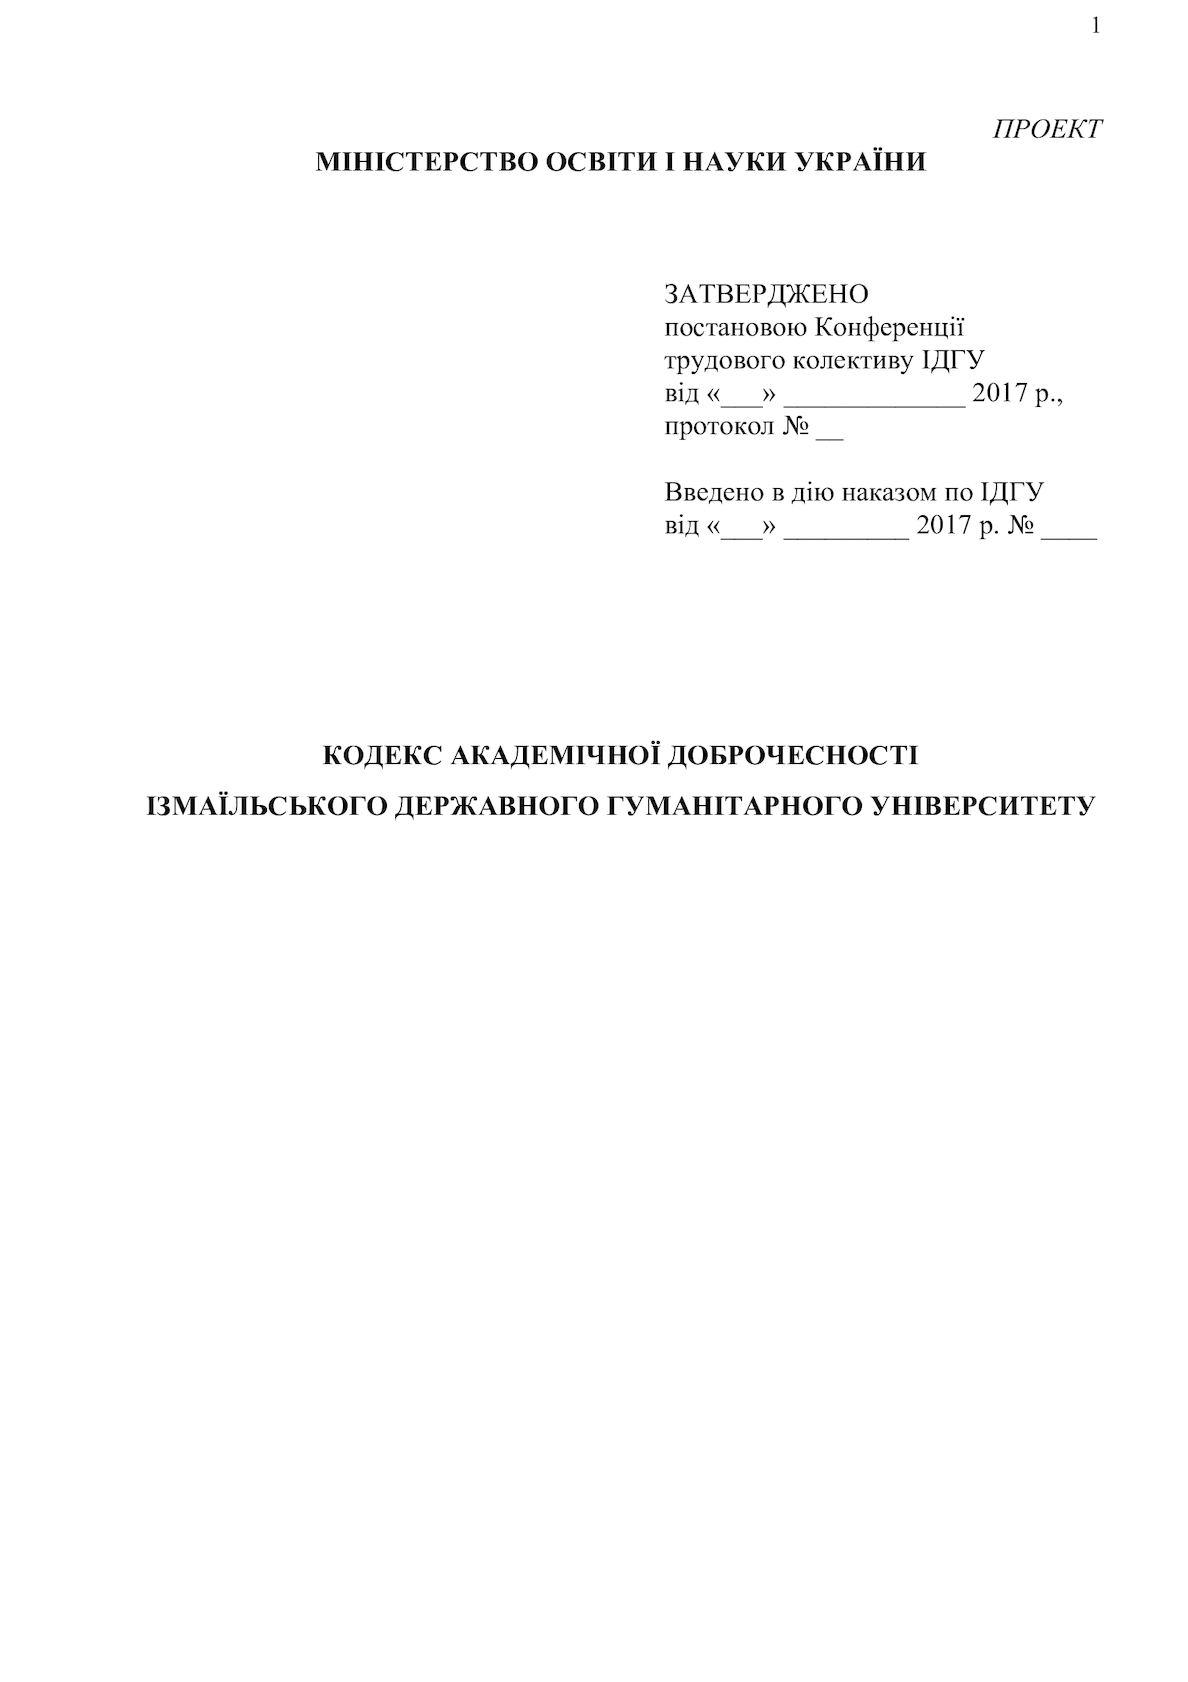 ПРОЕКТ Кодекс академічної доброчесності ІДГУ Doc